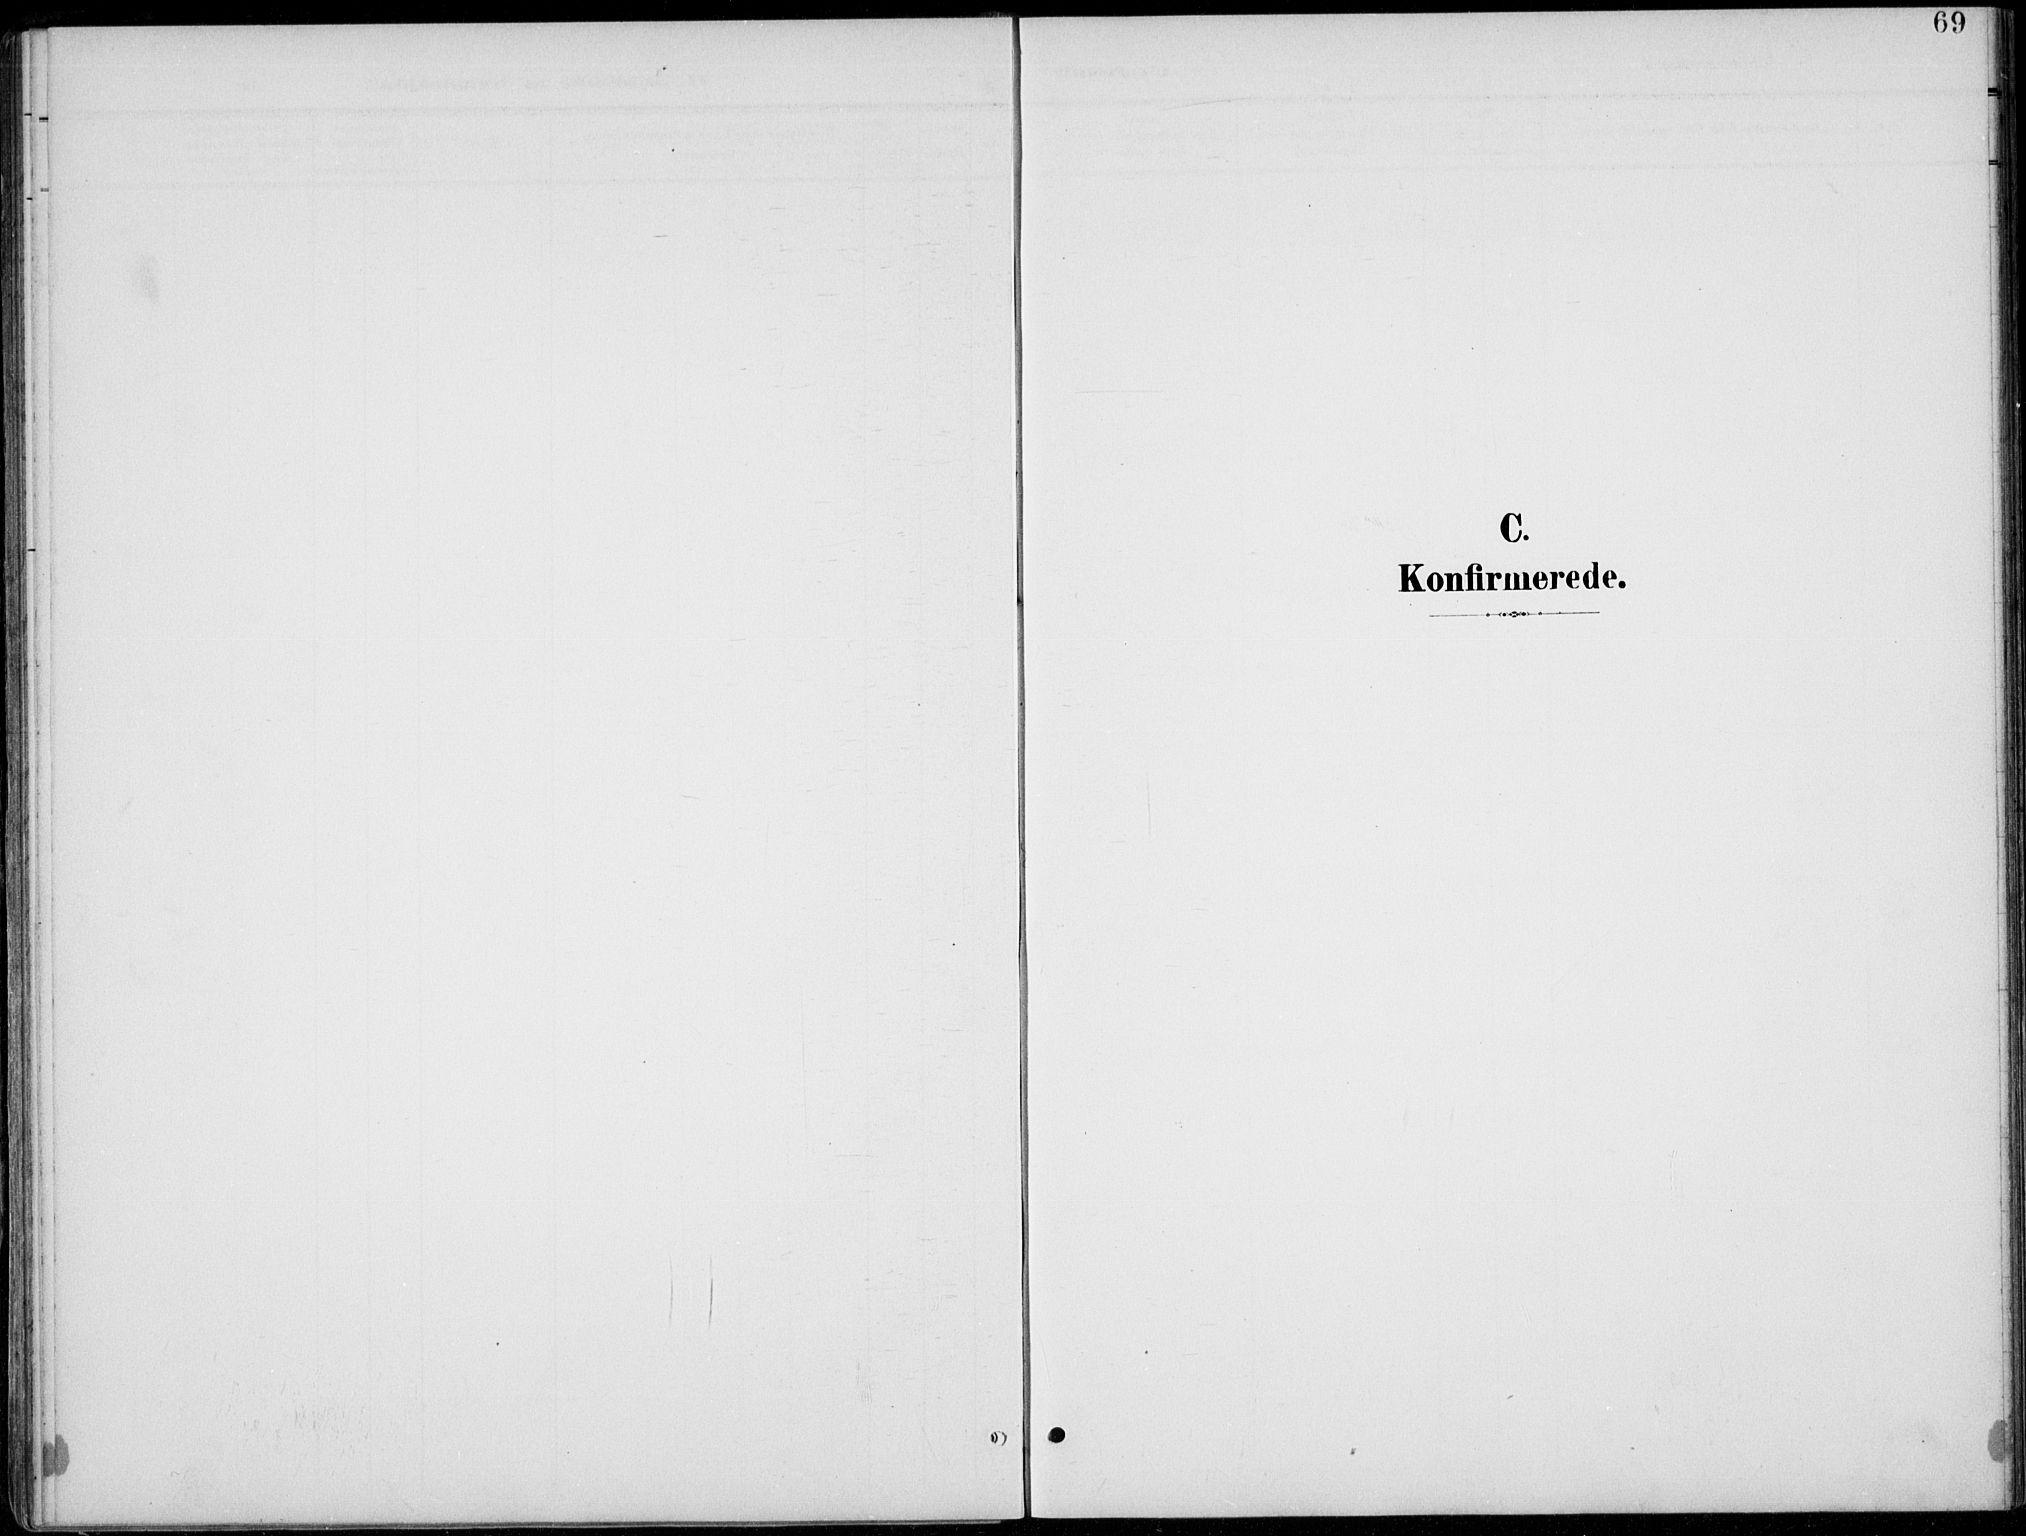 SAH, Lom prestekontor, L/L0006: Klokkerbok nr. 6, 1901-1939, s. 69